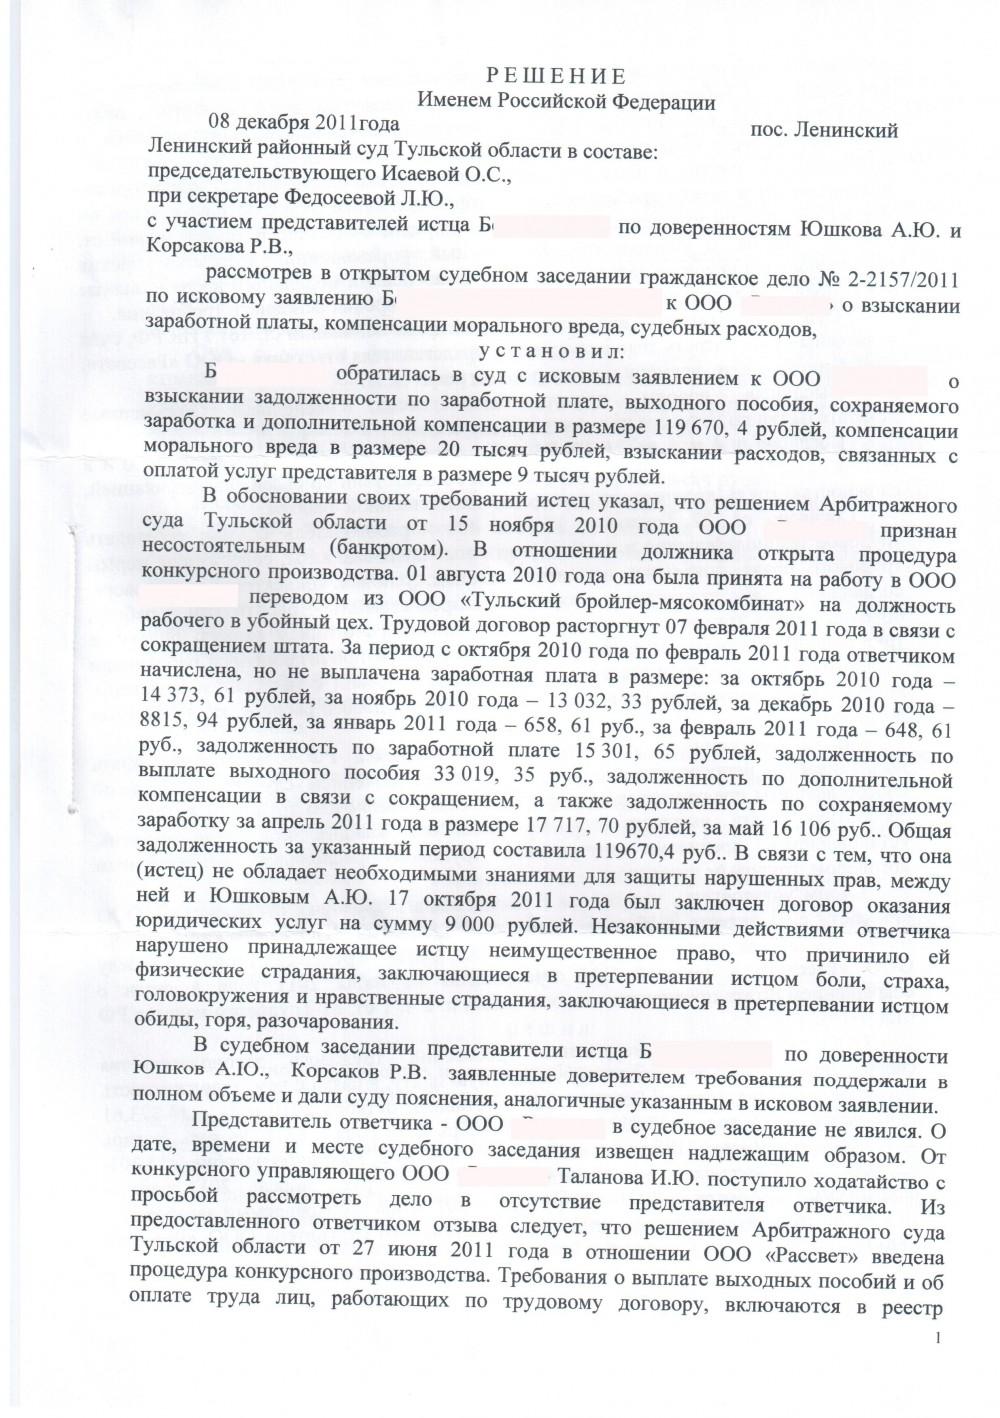 ПРАВО RU: Все решения российских судов общей